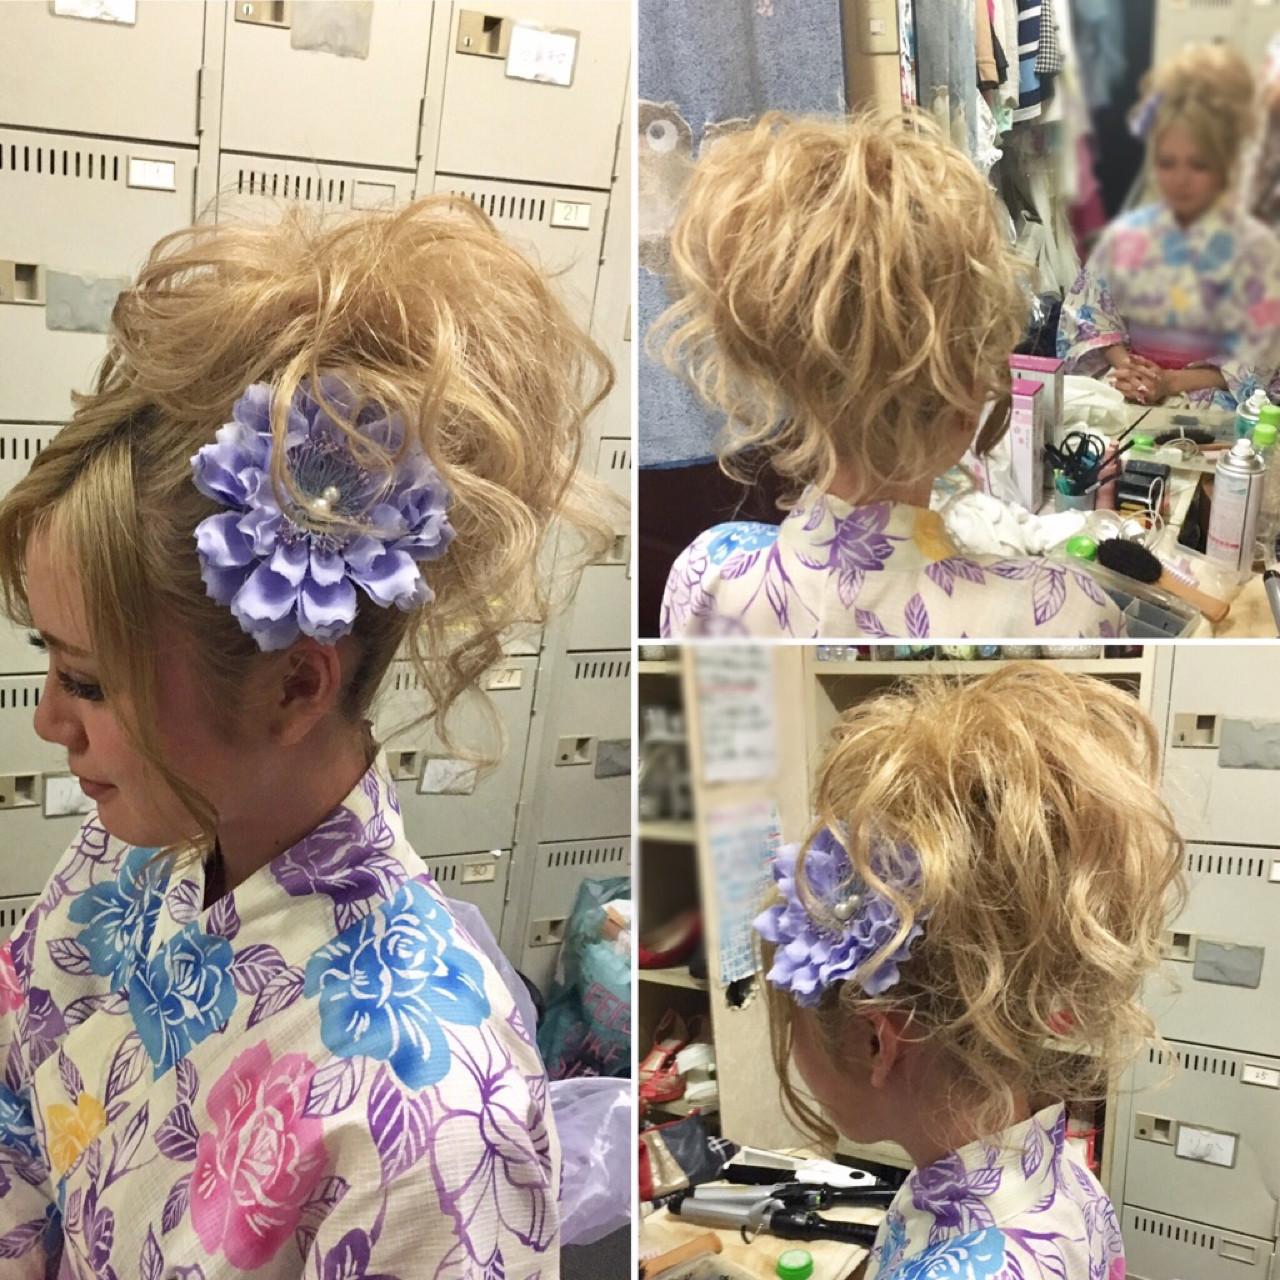 ナチュラル アップスタイル ロング 和装 ヘアスタイルや髪型の写真・画像